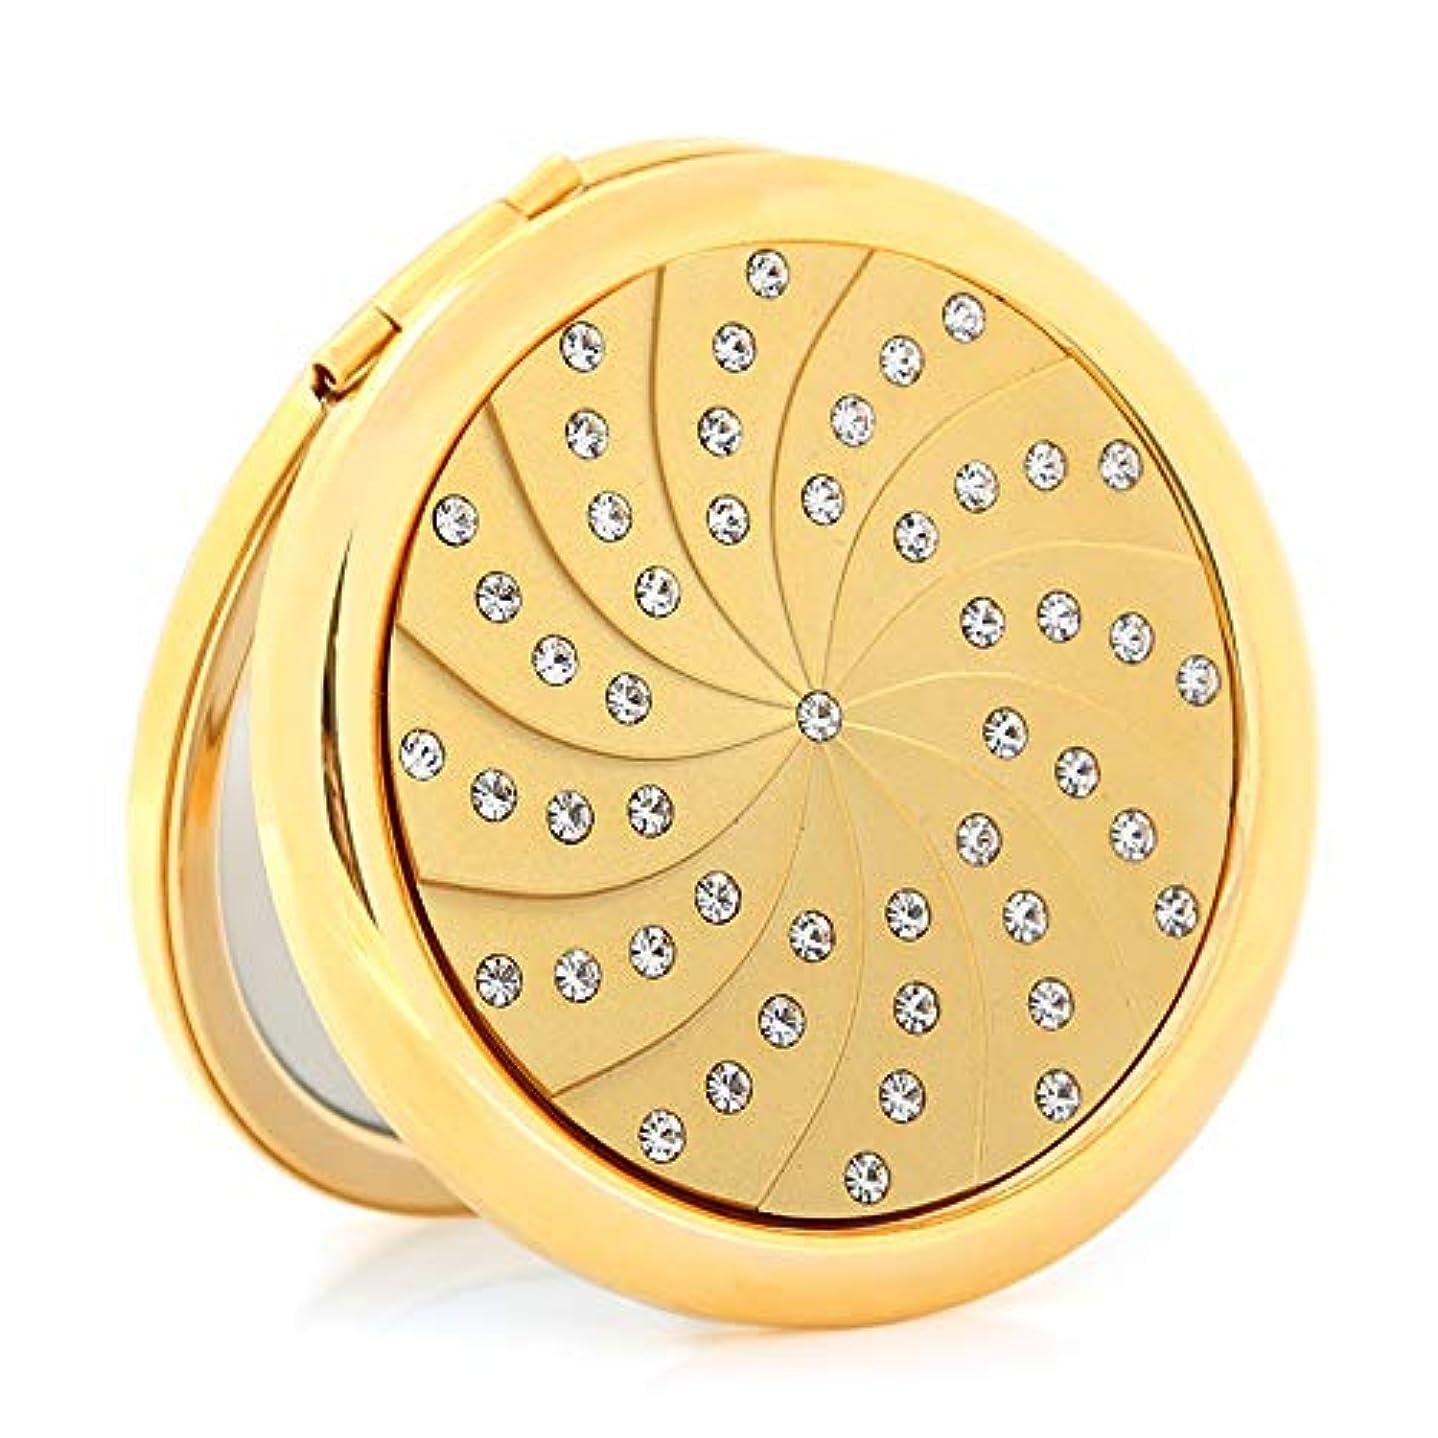 飛行場養う物足りない流行の 金メッキダイヤモンド小さなミラーポータブル折りたたみ両面ポータブルミラーパーソナライズされた誕生日プレゼント